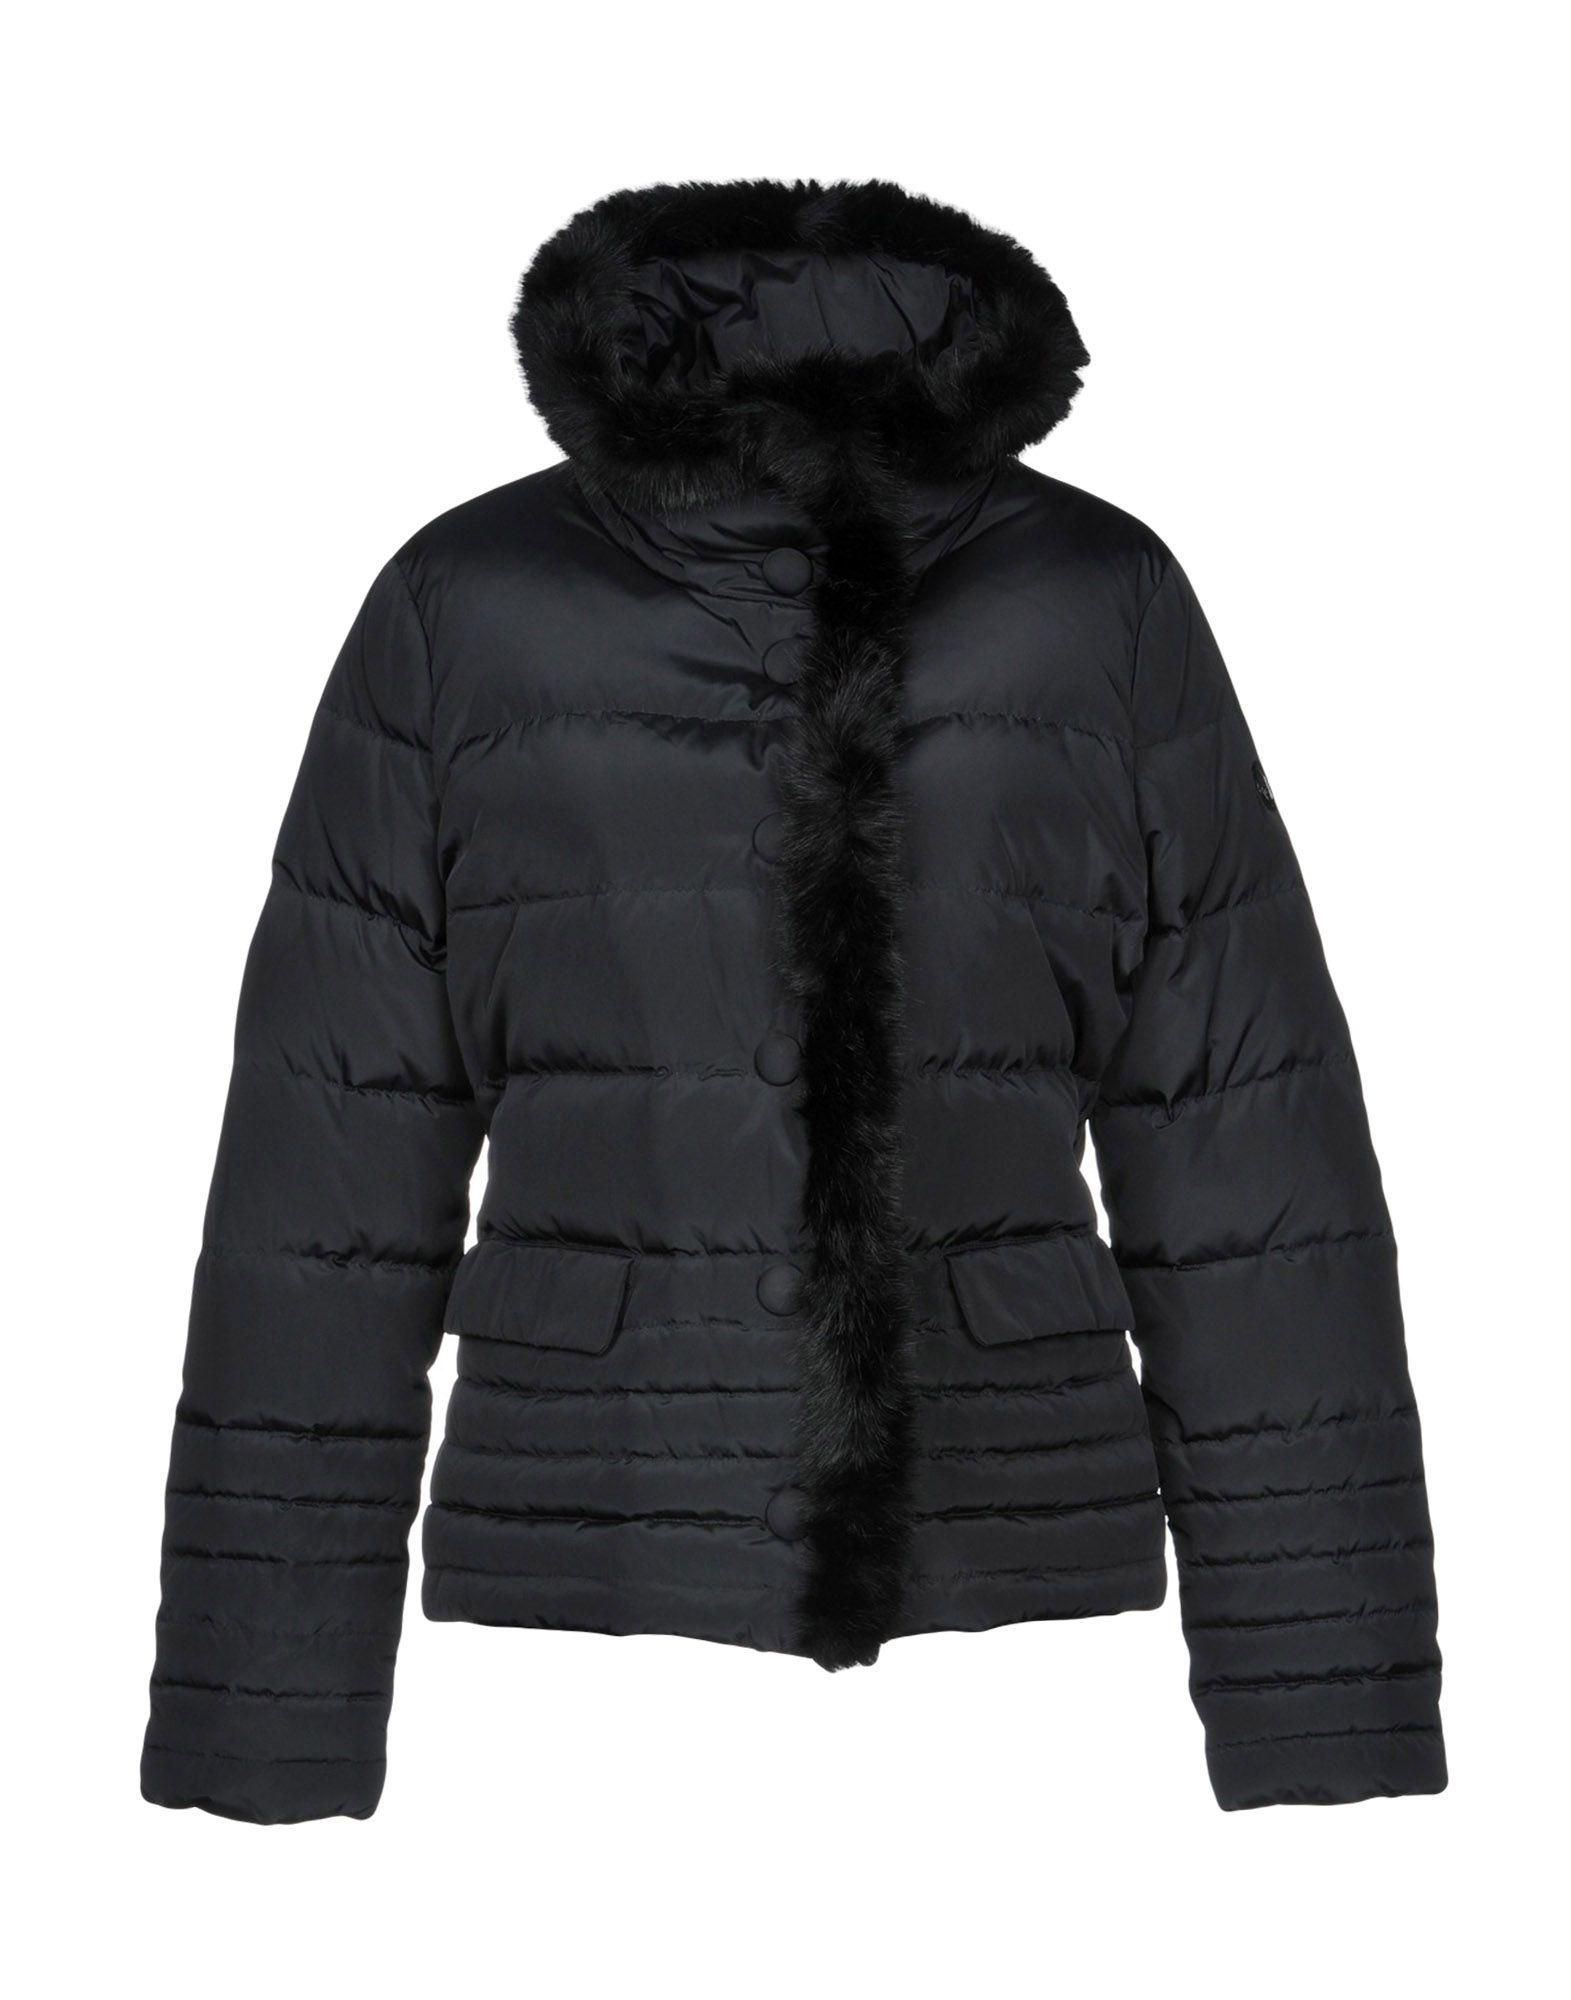 Piumino Armani Jeans Donna - Acquista online su mqW8uXu